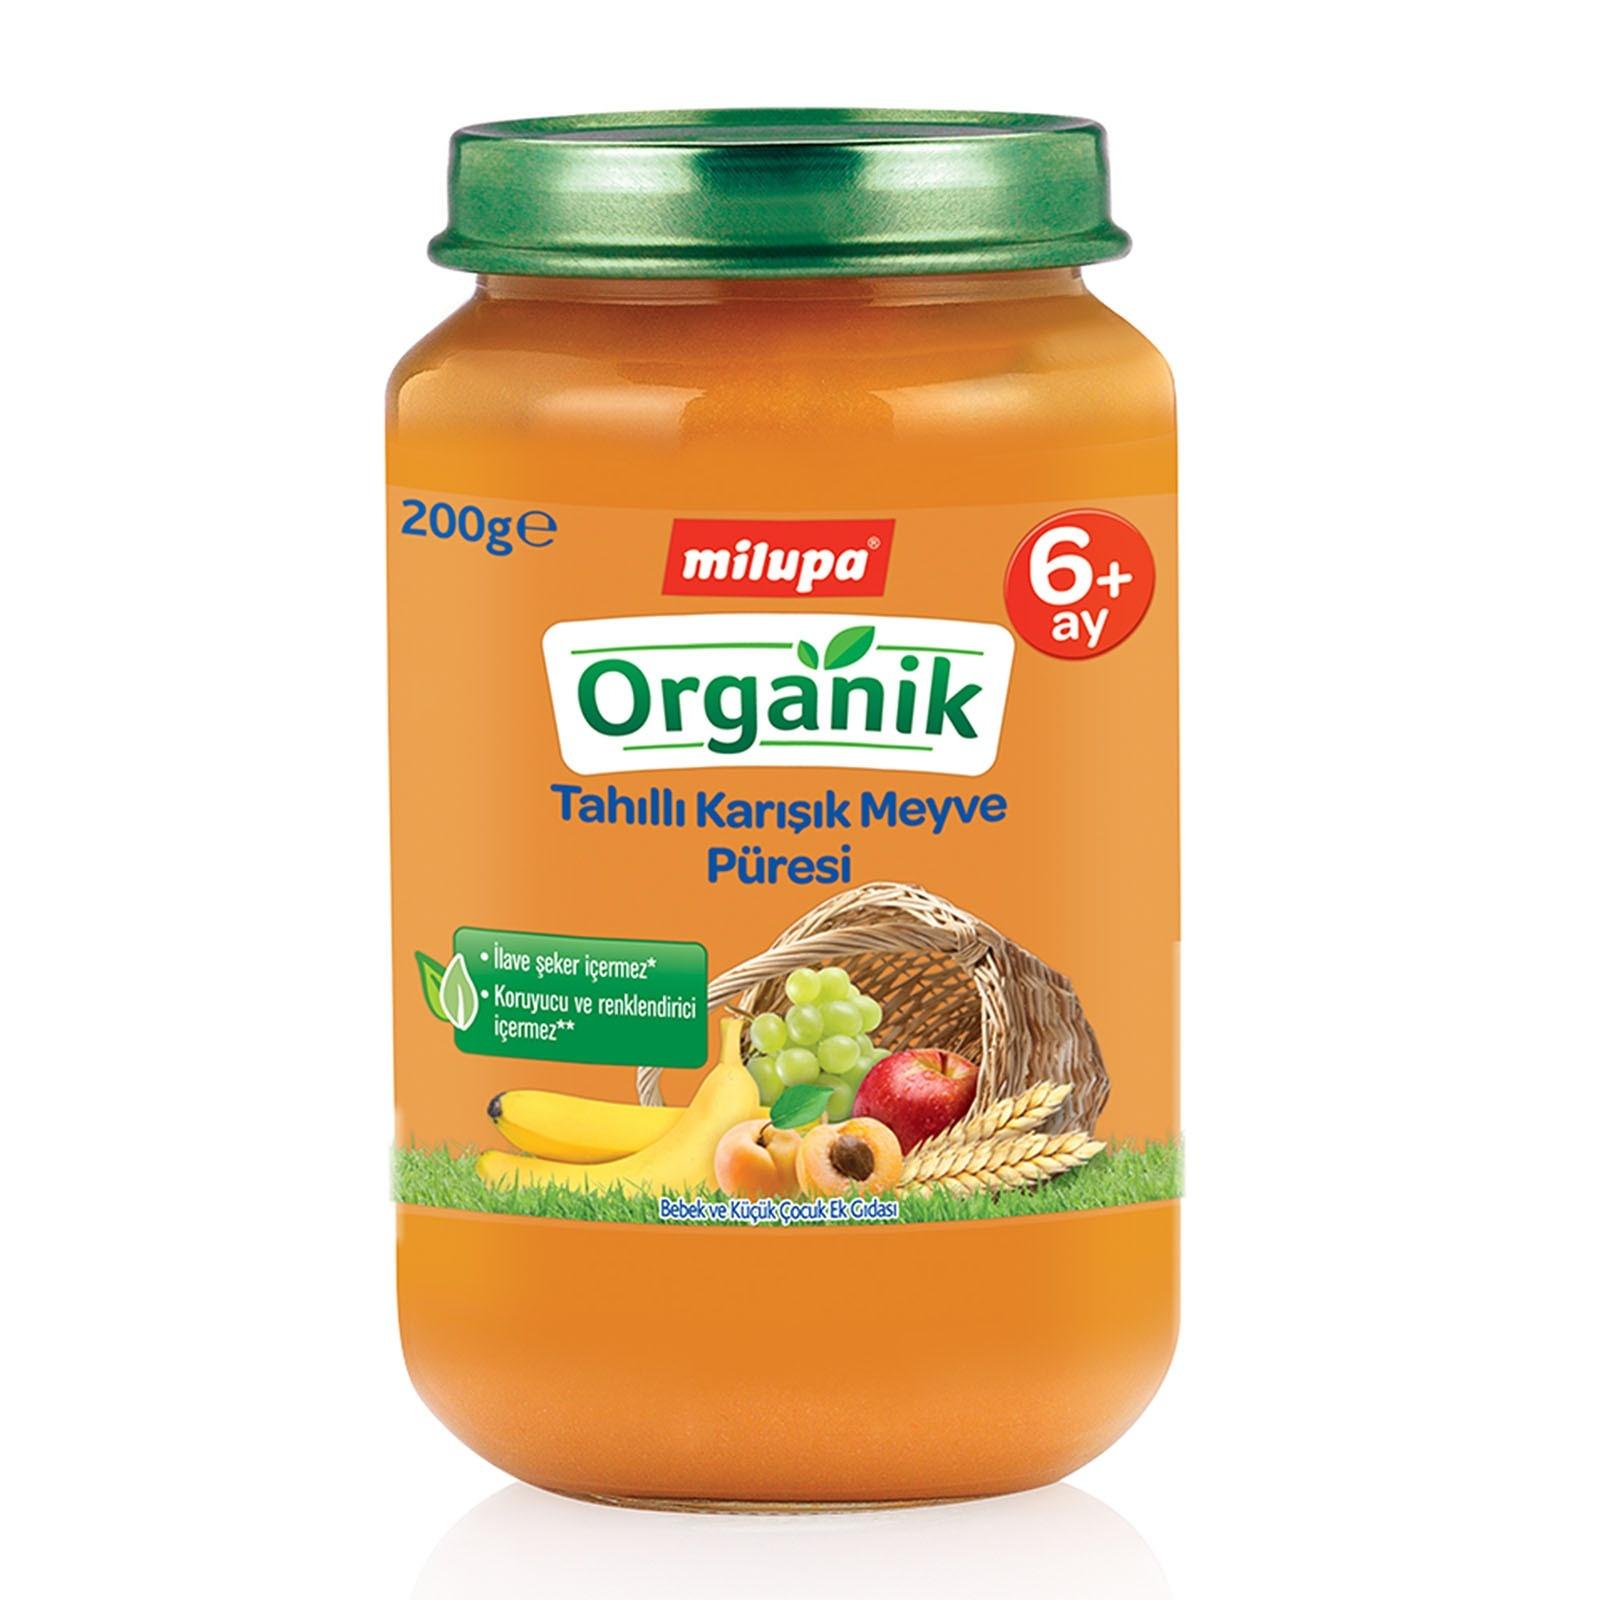 Milupa Organik Tahıllı Karışık Meyveli Kavanoz Maması 200 gr